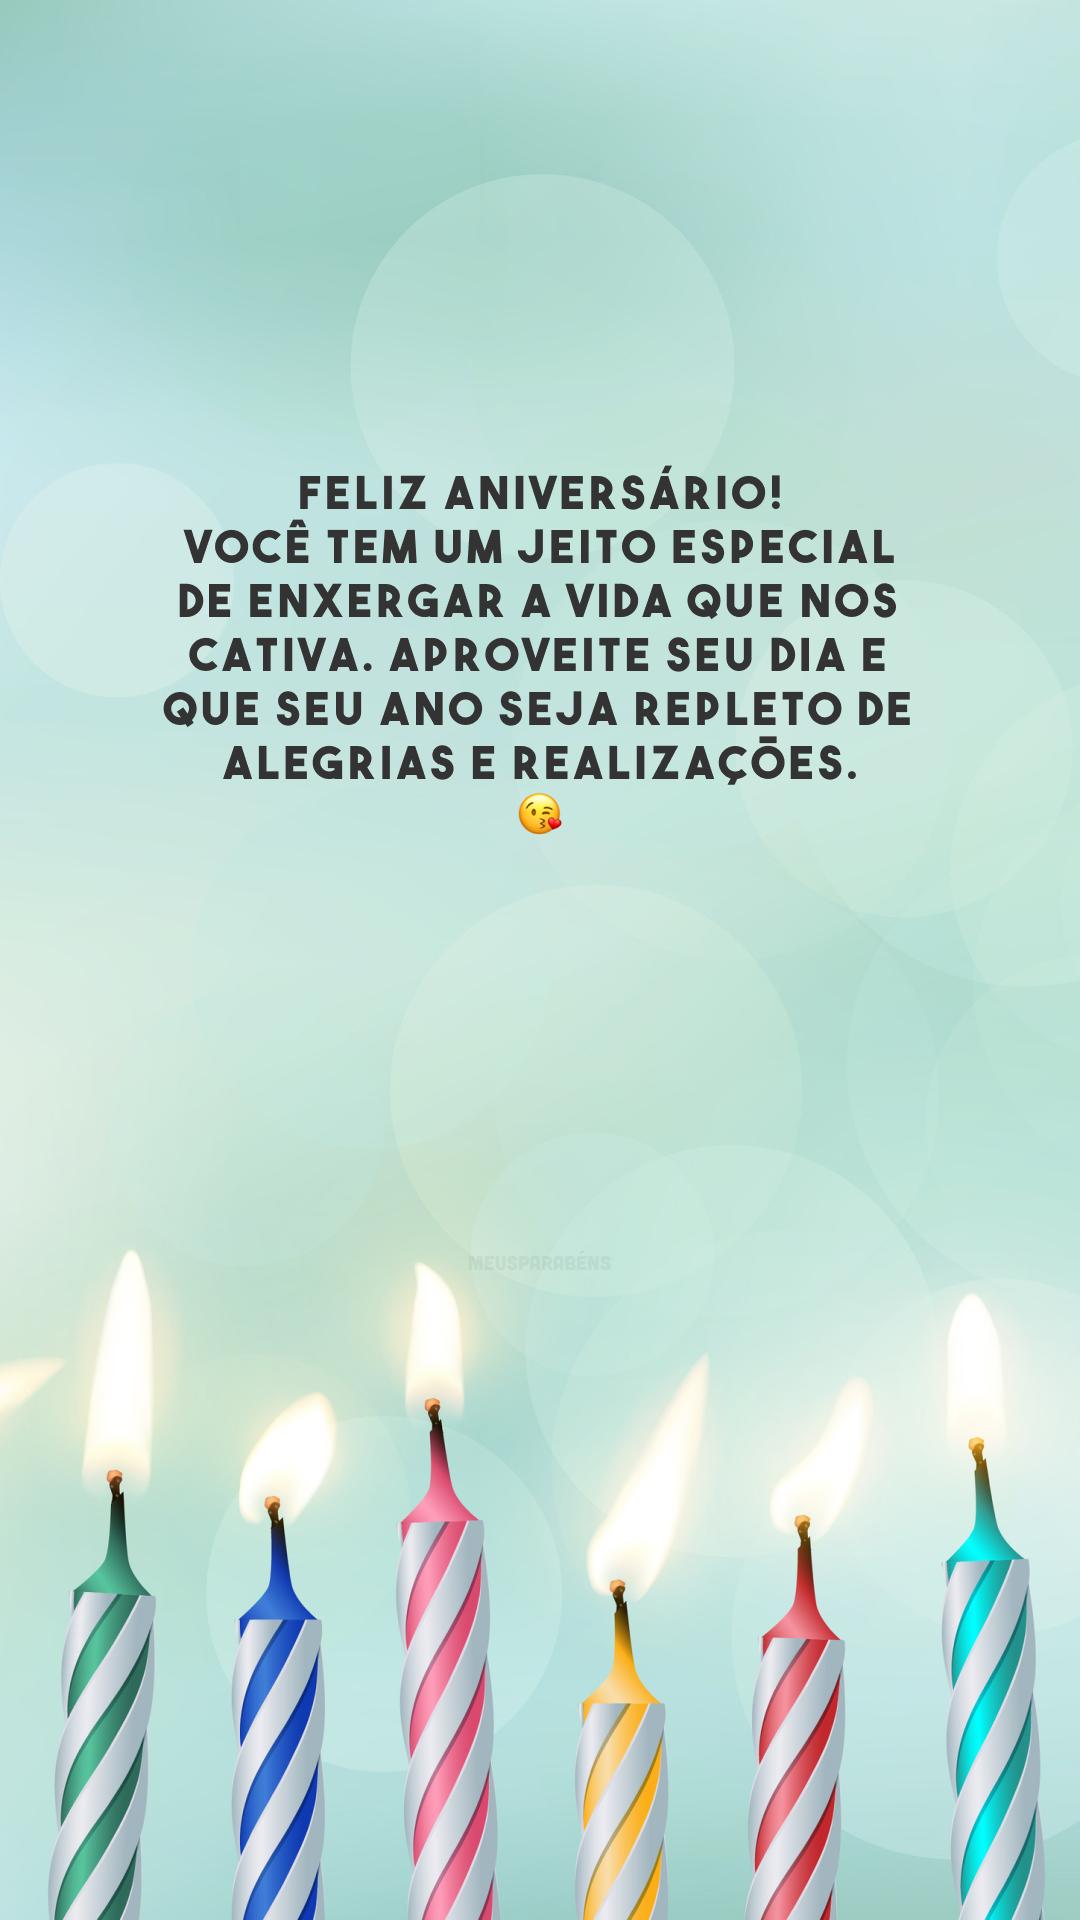 Feliz aniversário! Você tem um jeito especial de enxergar a vida que nos cativa. Aproveite seu dia e que seu ano seja repleto de alegrias e realizações. 😘